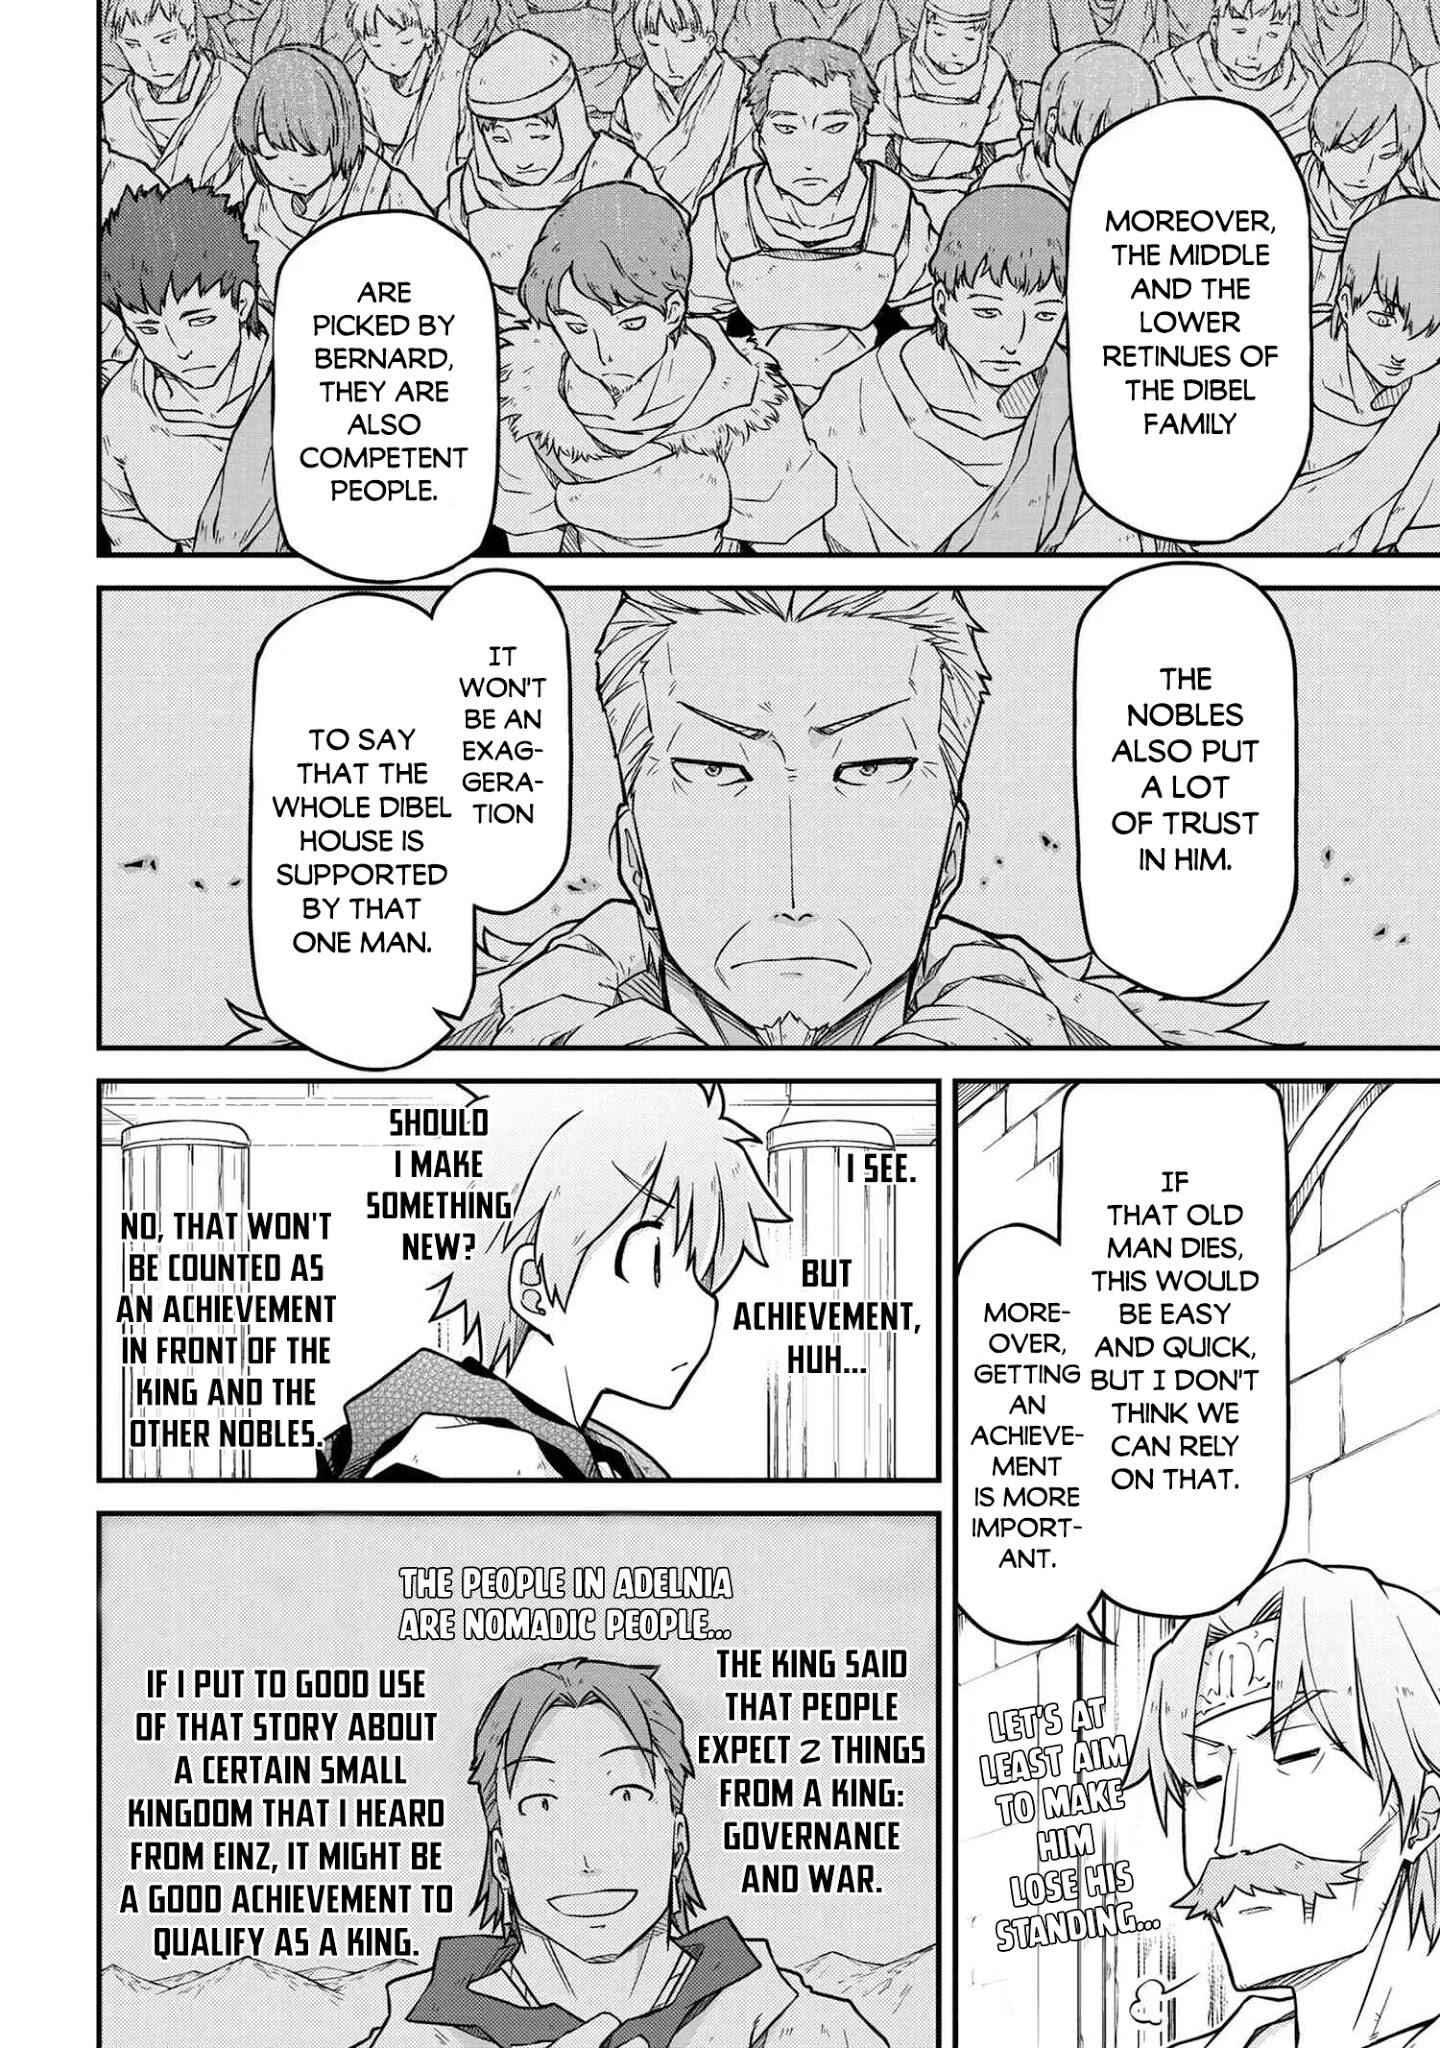 Isekai Kenkokuki - chapter 43.1-eng-li